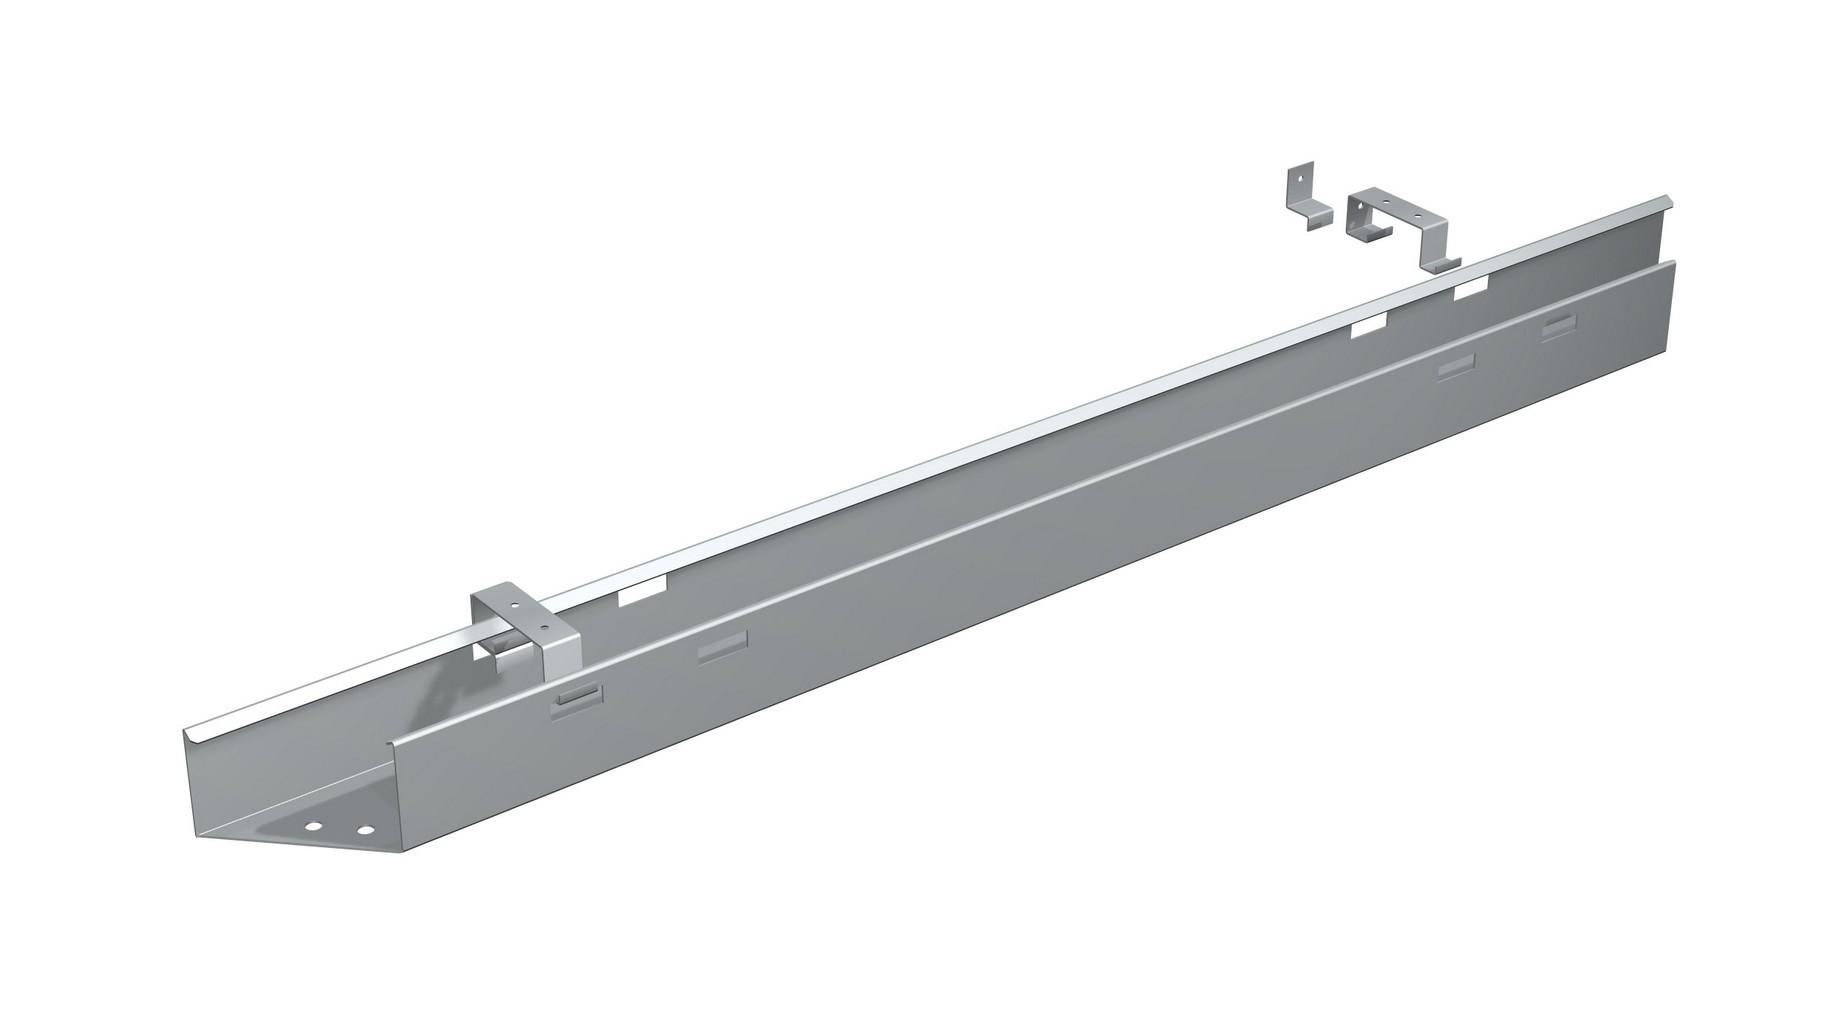 Kabelkanal zur Befestigung an der Tischplatte - N-555912-S - Elektro Pro